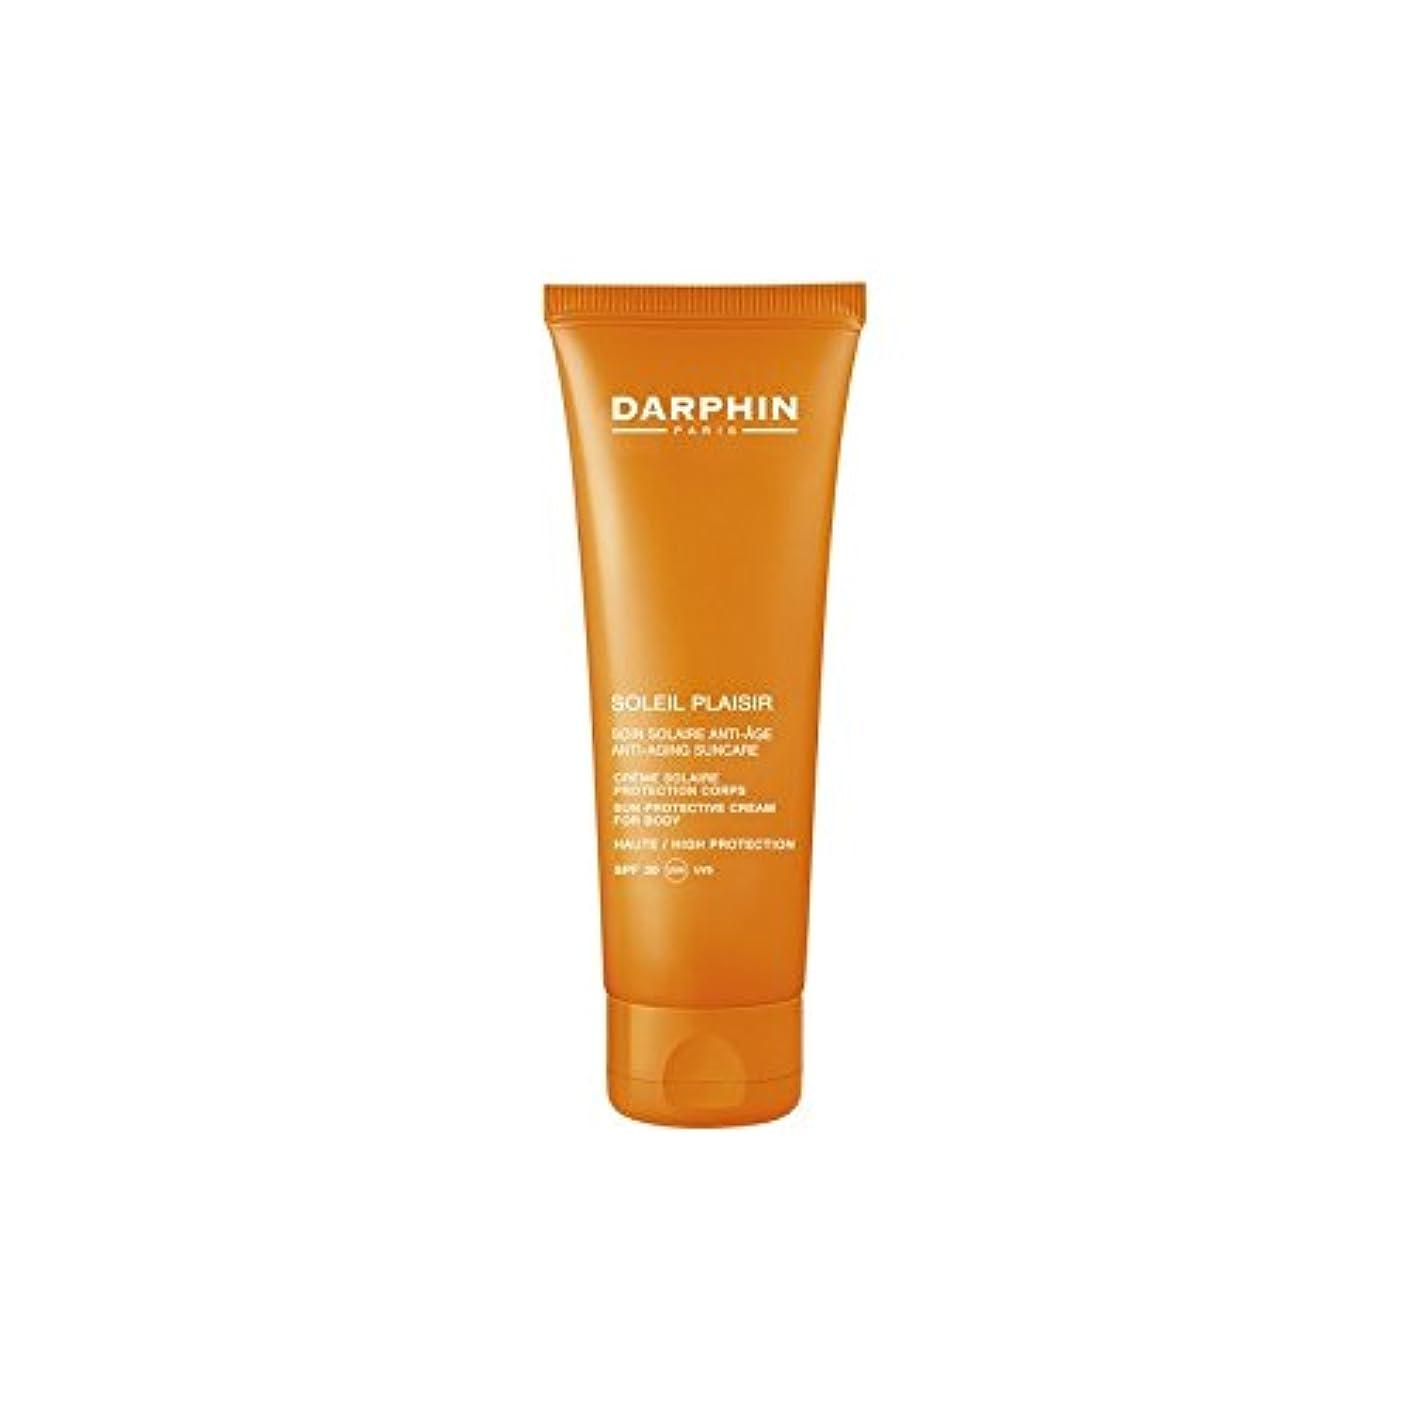 過激派インシデント商人ダルファンソレイユプレジールボディクリーム x2 - Darphin Soleil Plaisir Body Cream (Pack of 2) [並行輸入品]